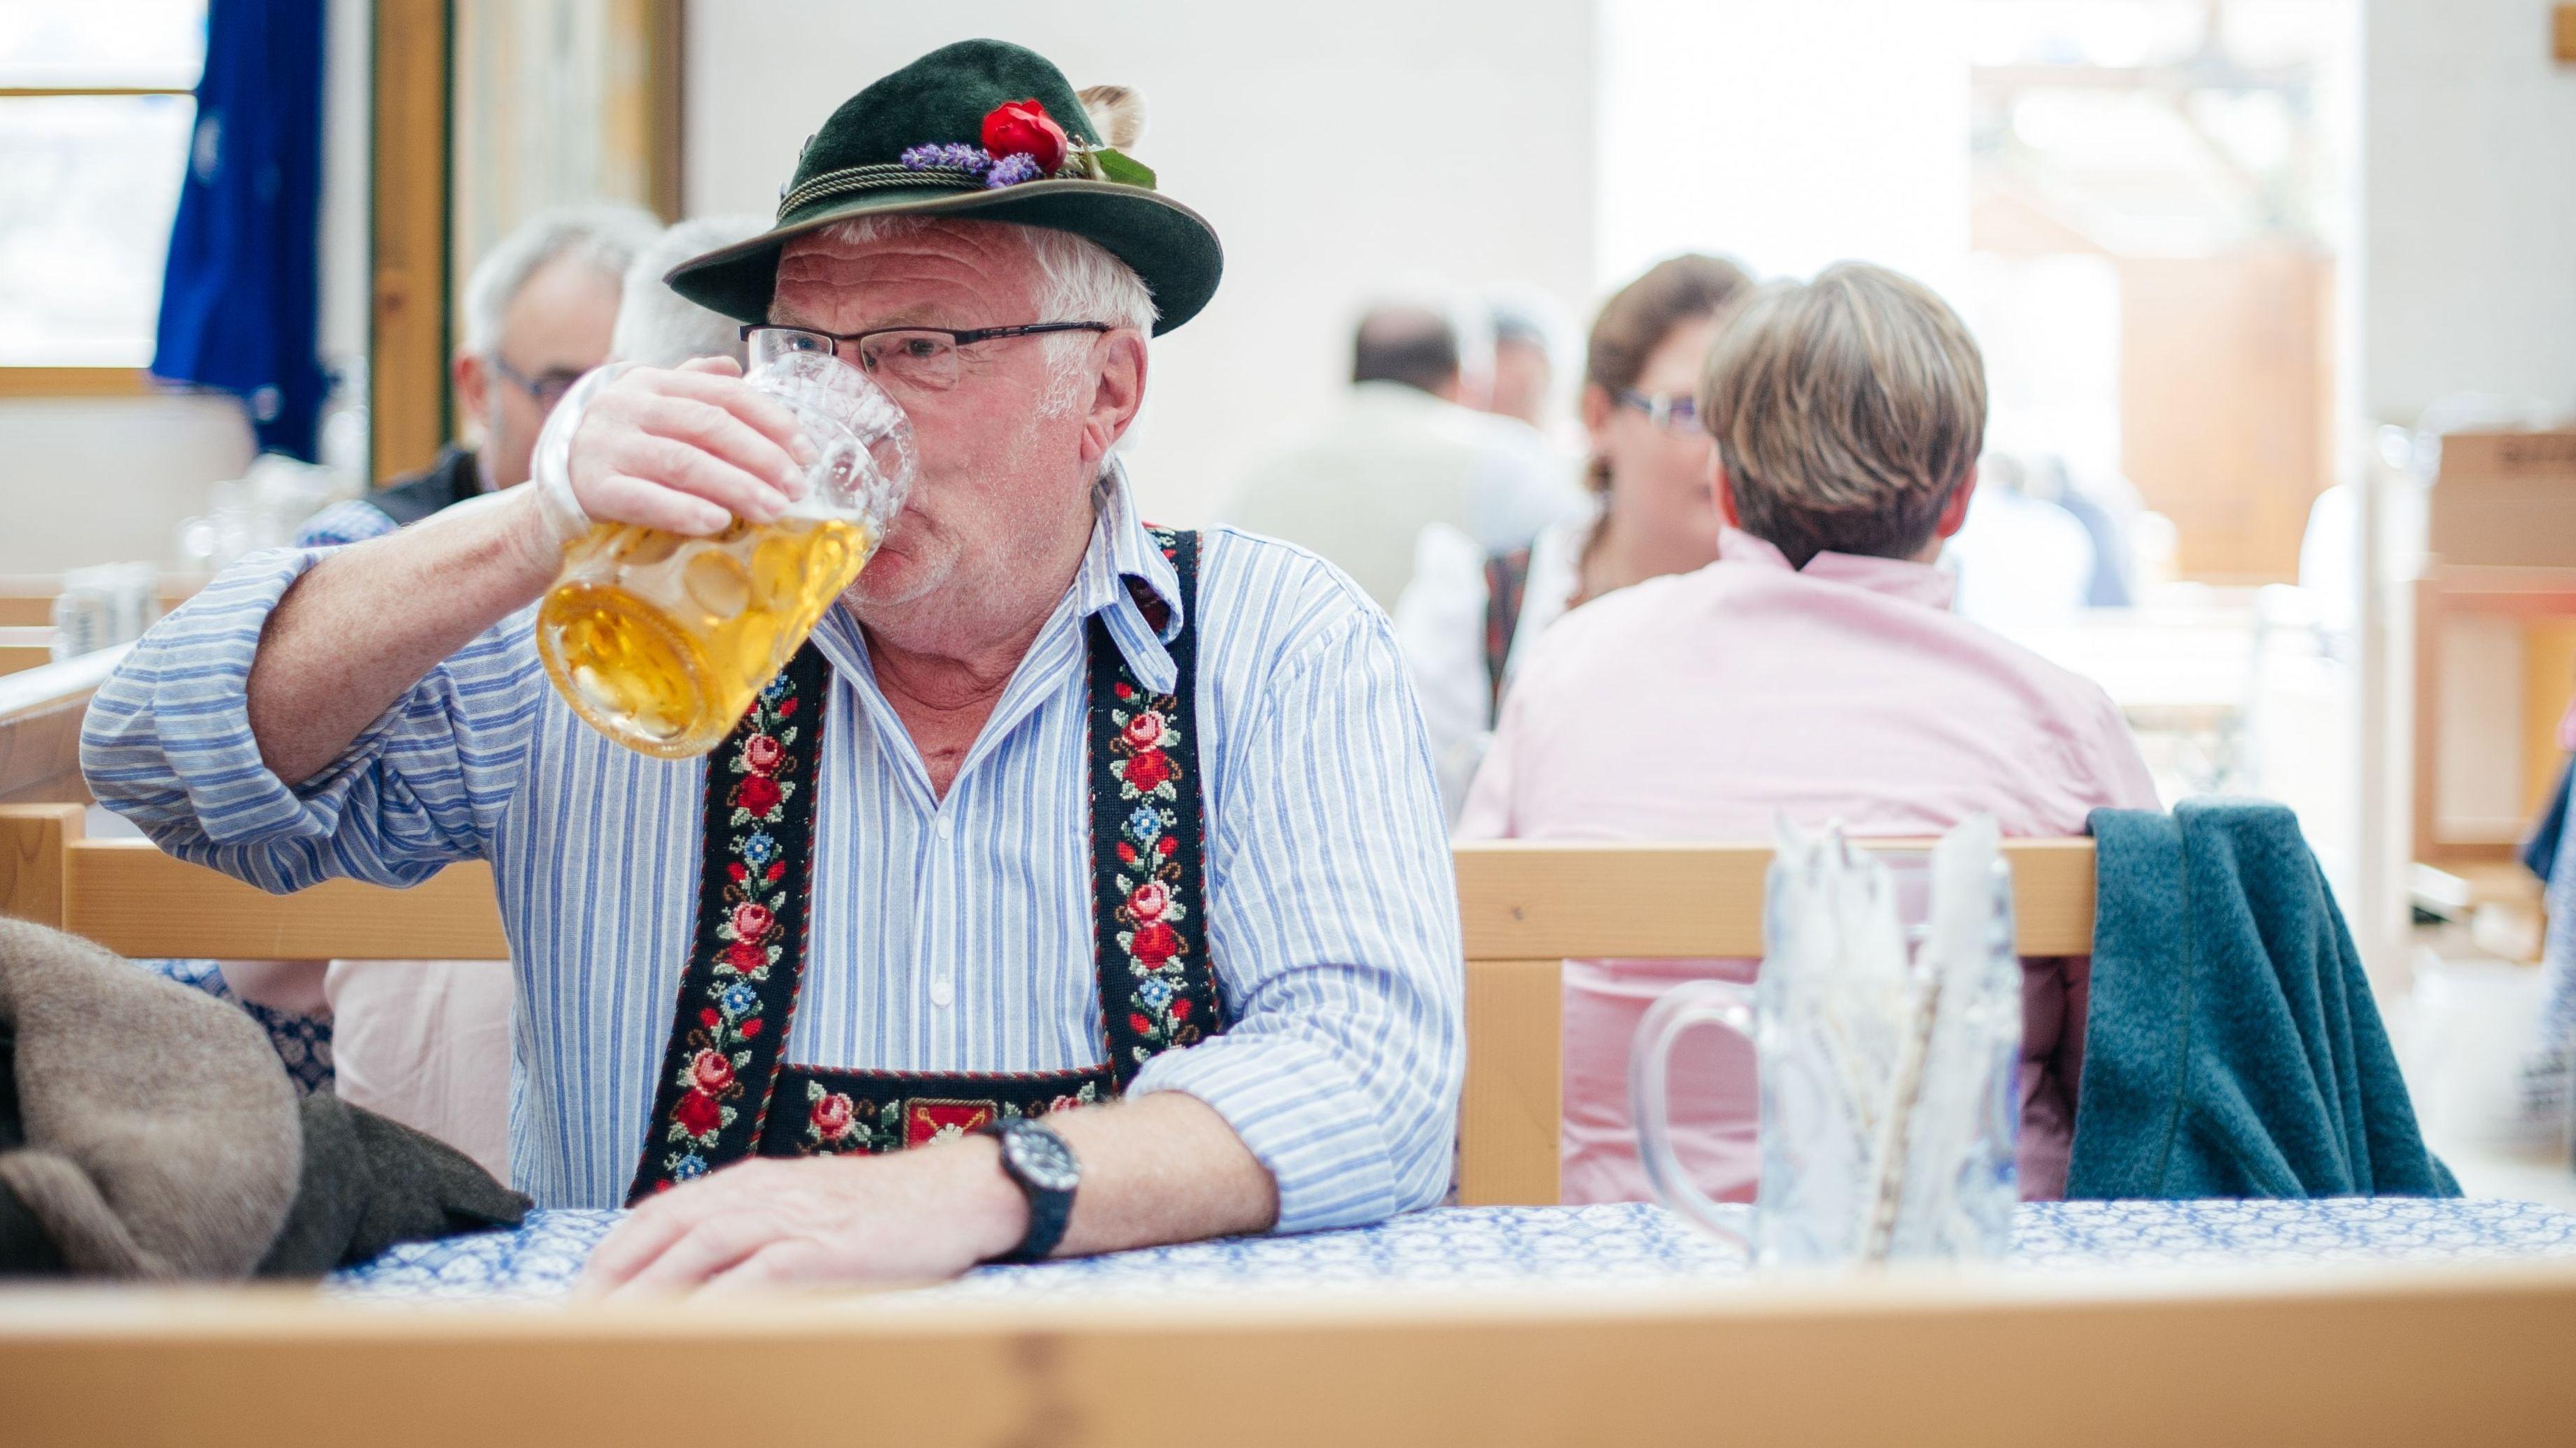 Ein Mann mit Maßkrug auf dem Oktoberfest - Symbolbild